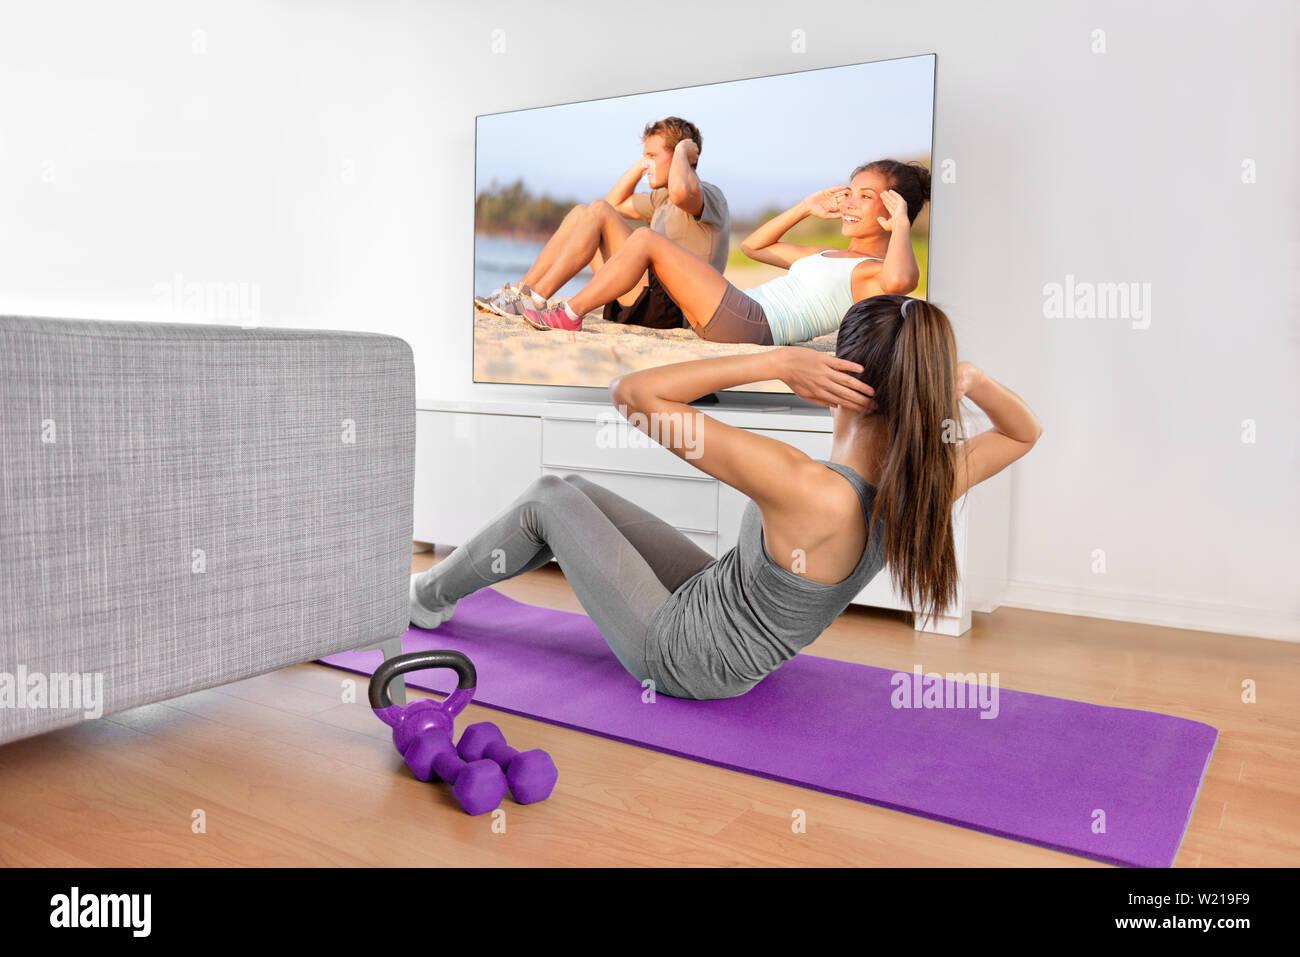 Inicio del entrenamiento - mujer ejercicio delante de una pantalla plana mirando un programa de fitness o ejercicio durante un programa de televisión acostado sobre una estera del yoga en frente del sofá en el salón de una casa o apartamento. Imagen De Stock